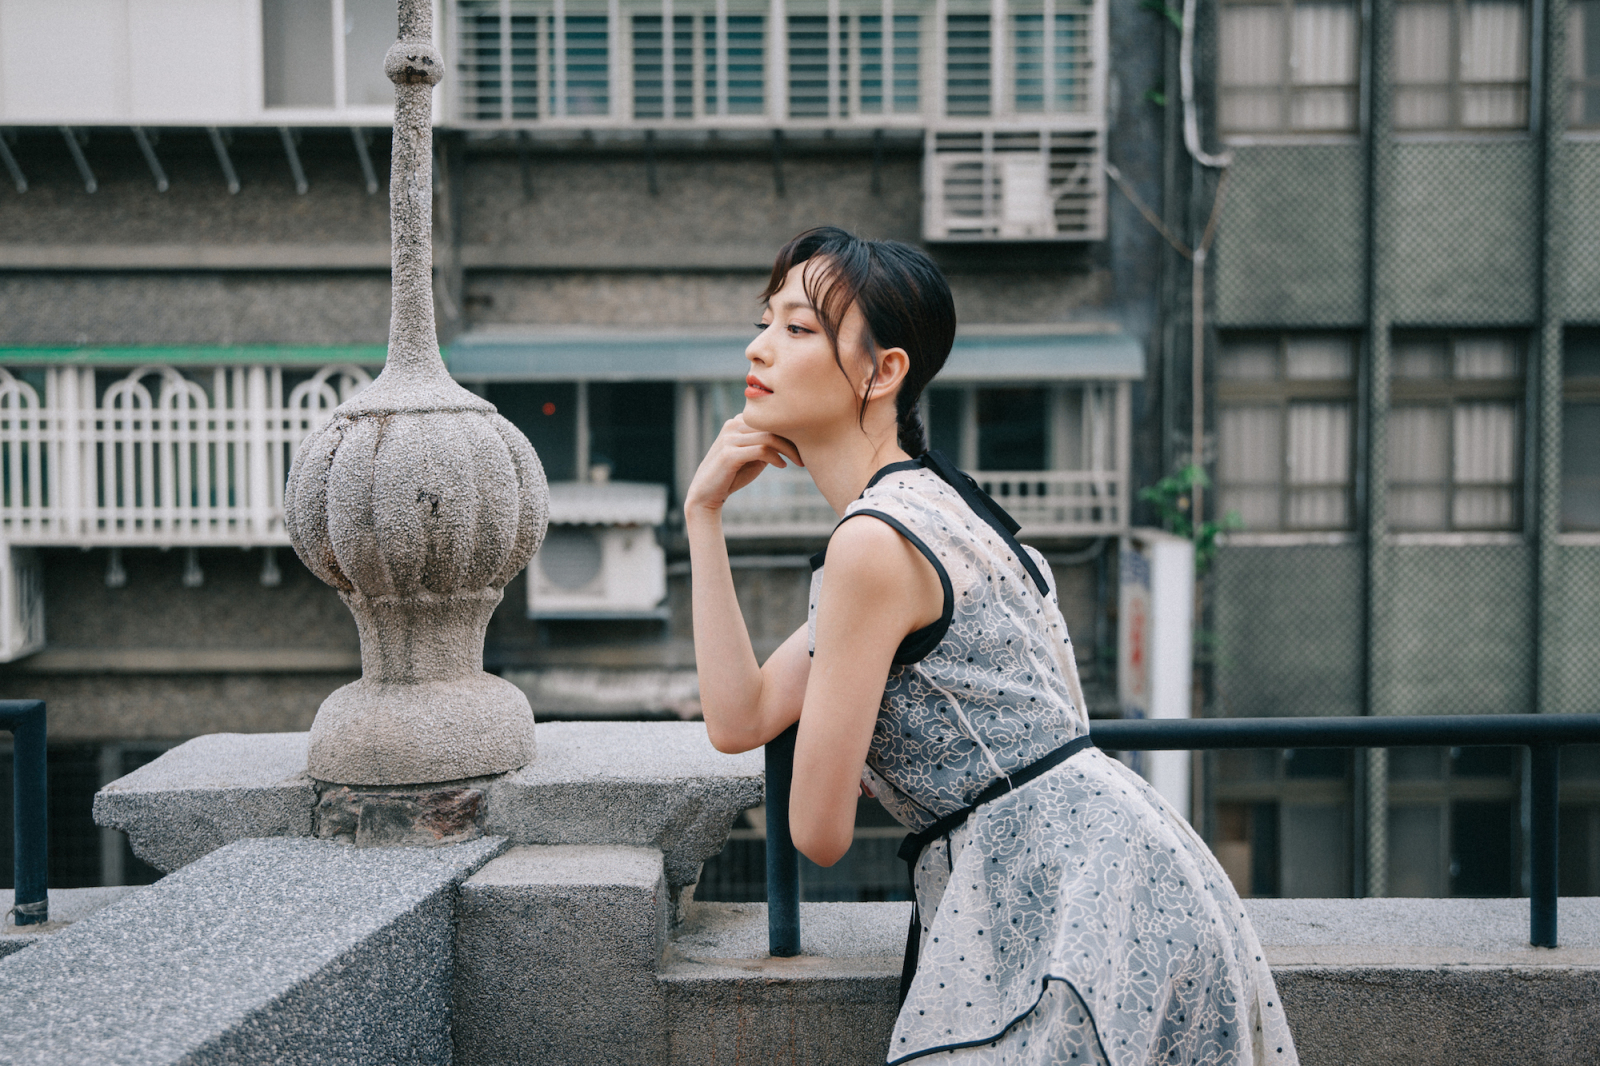 死了都要拍——專訪姚以緹:險路比近路好玩 2020 台北電影獎